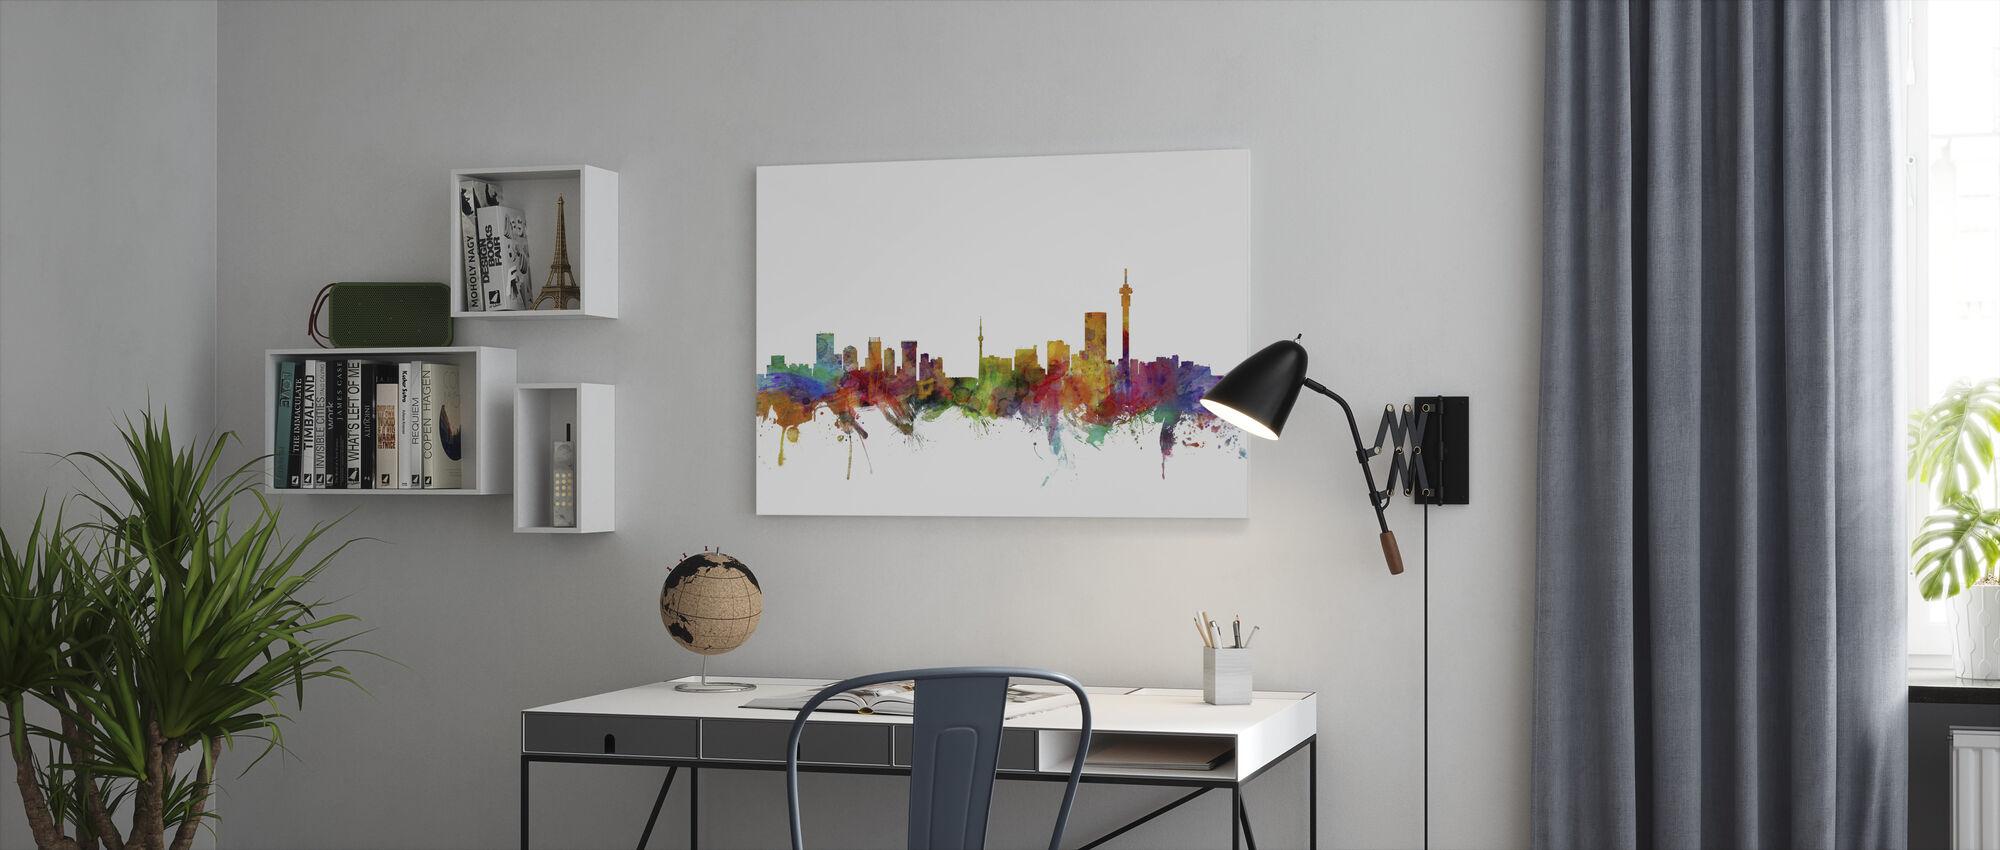 Johannesburg South Africa Skyline - Canvas print - Office